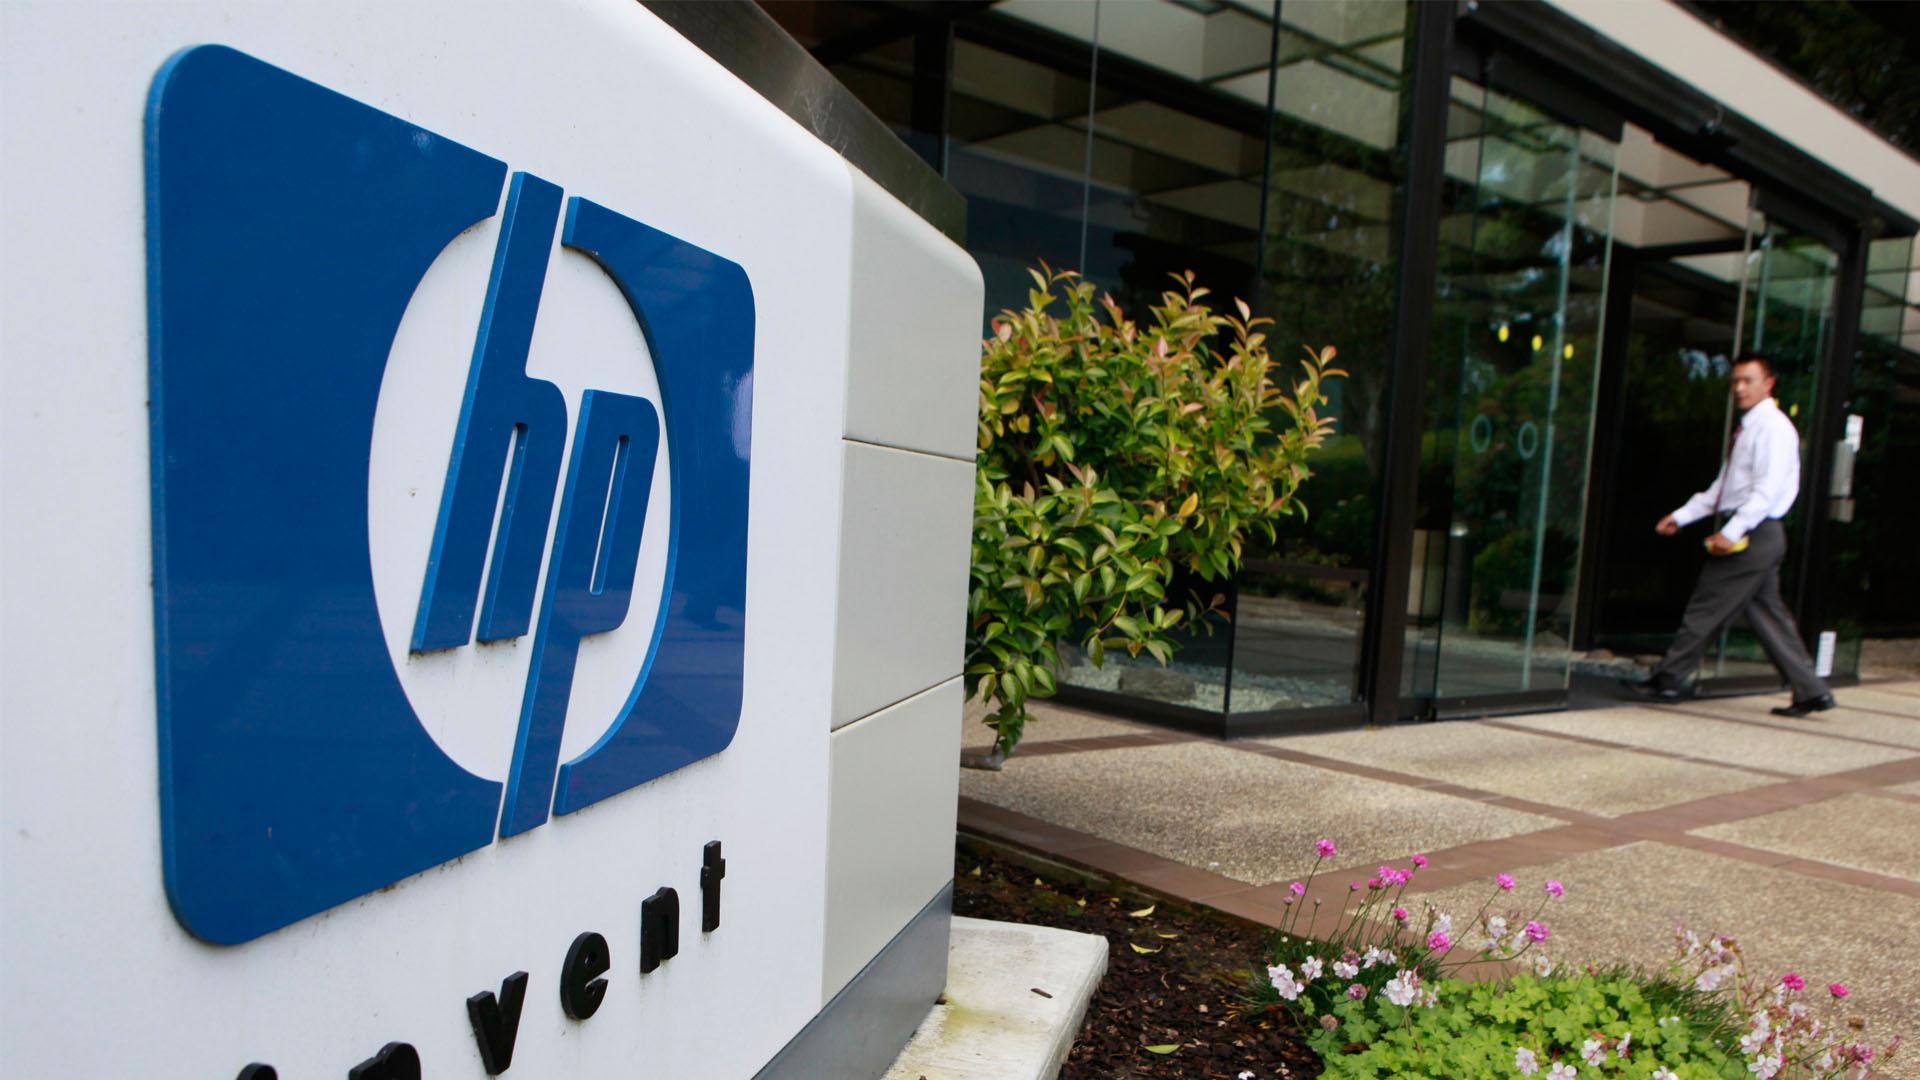 La empresa adquirió la línea de impresoras que mantenía la compañía surcoreana